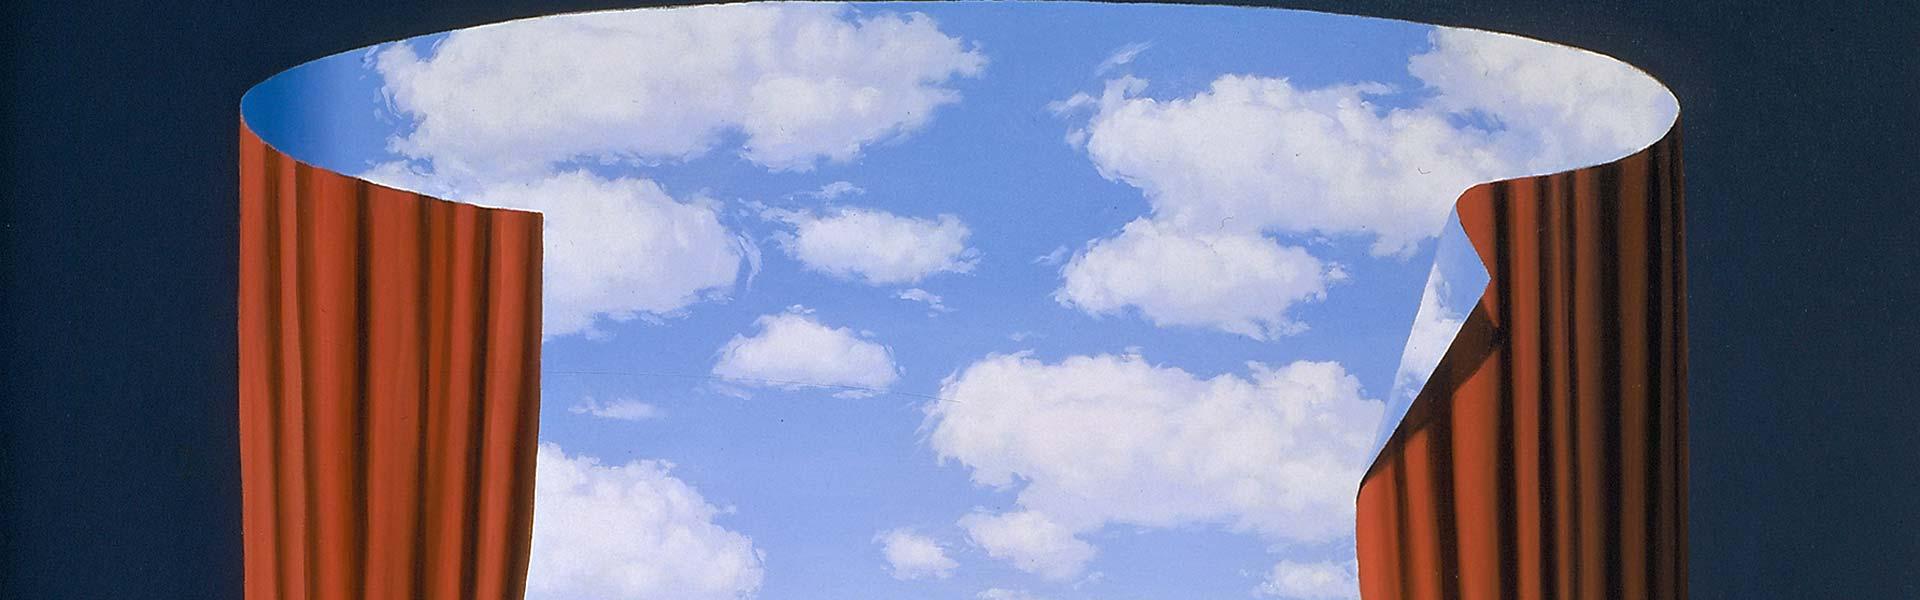 rene-magritte-16-centre-pompidou-cr04bigb-rene-magritte